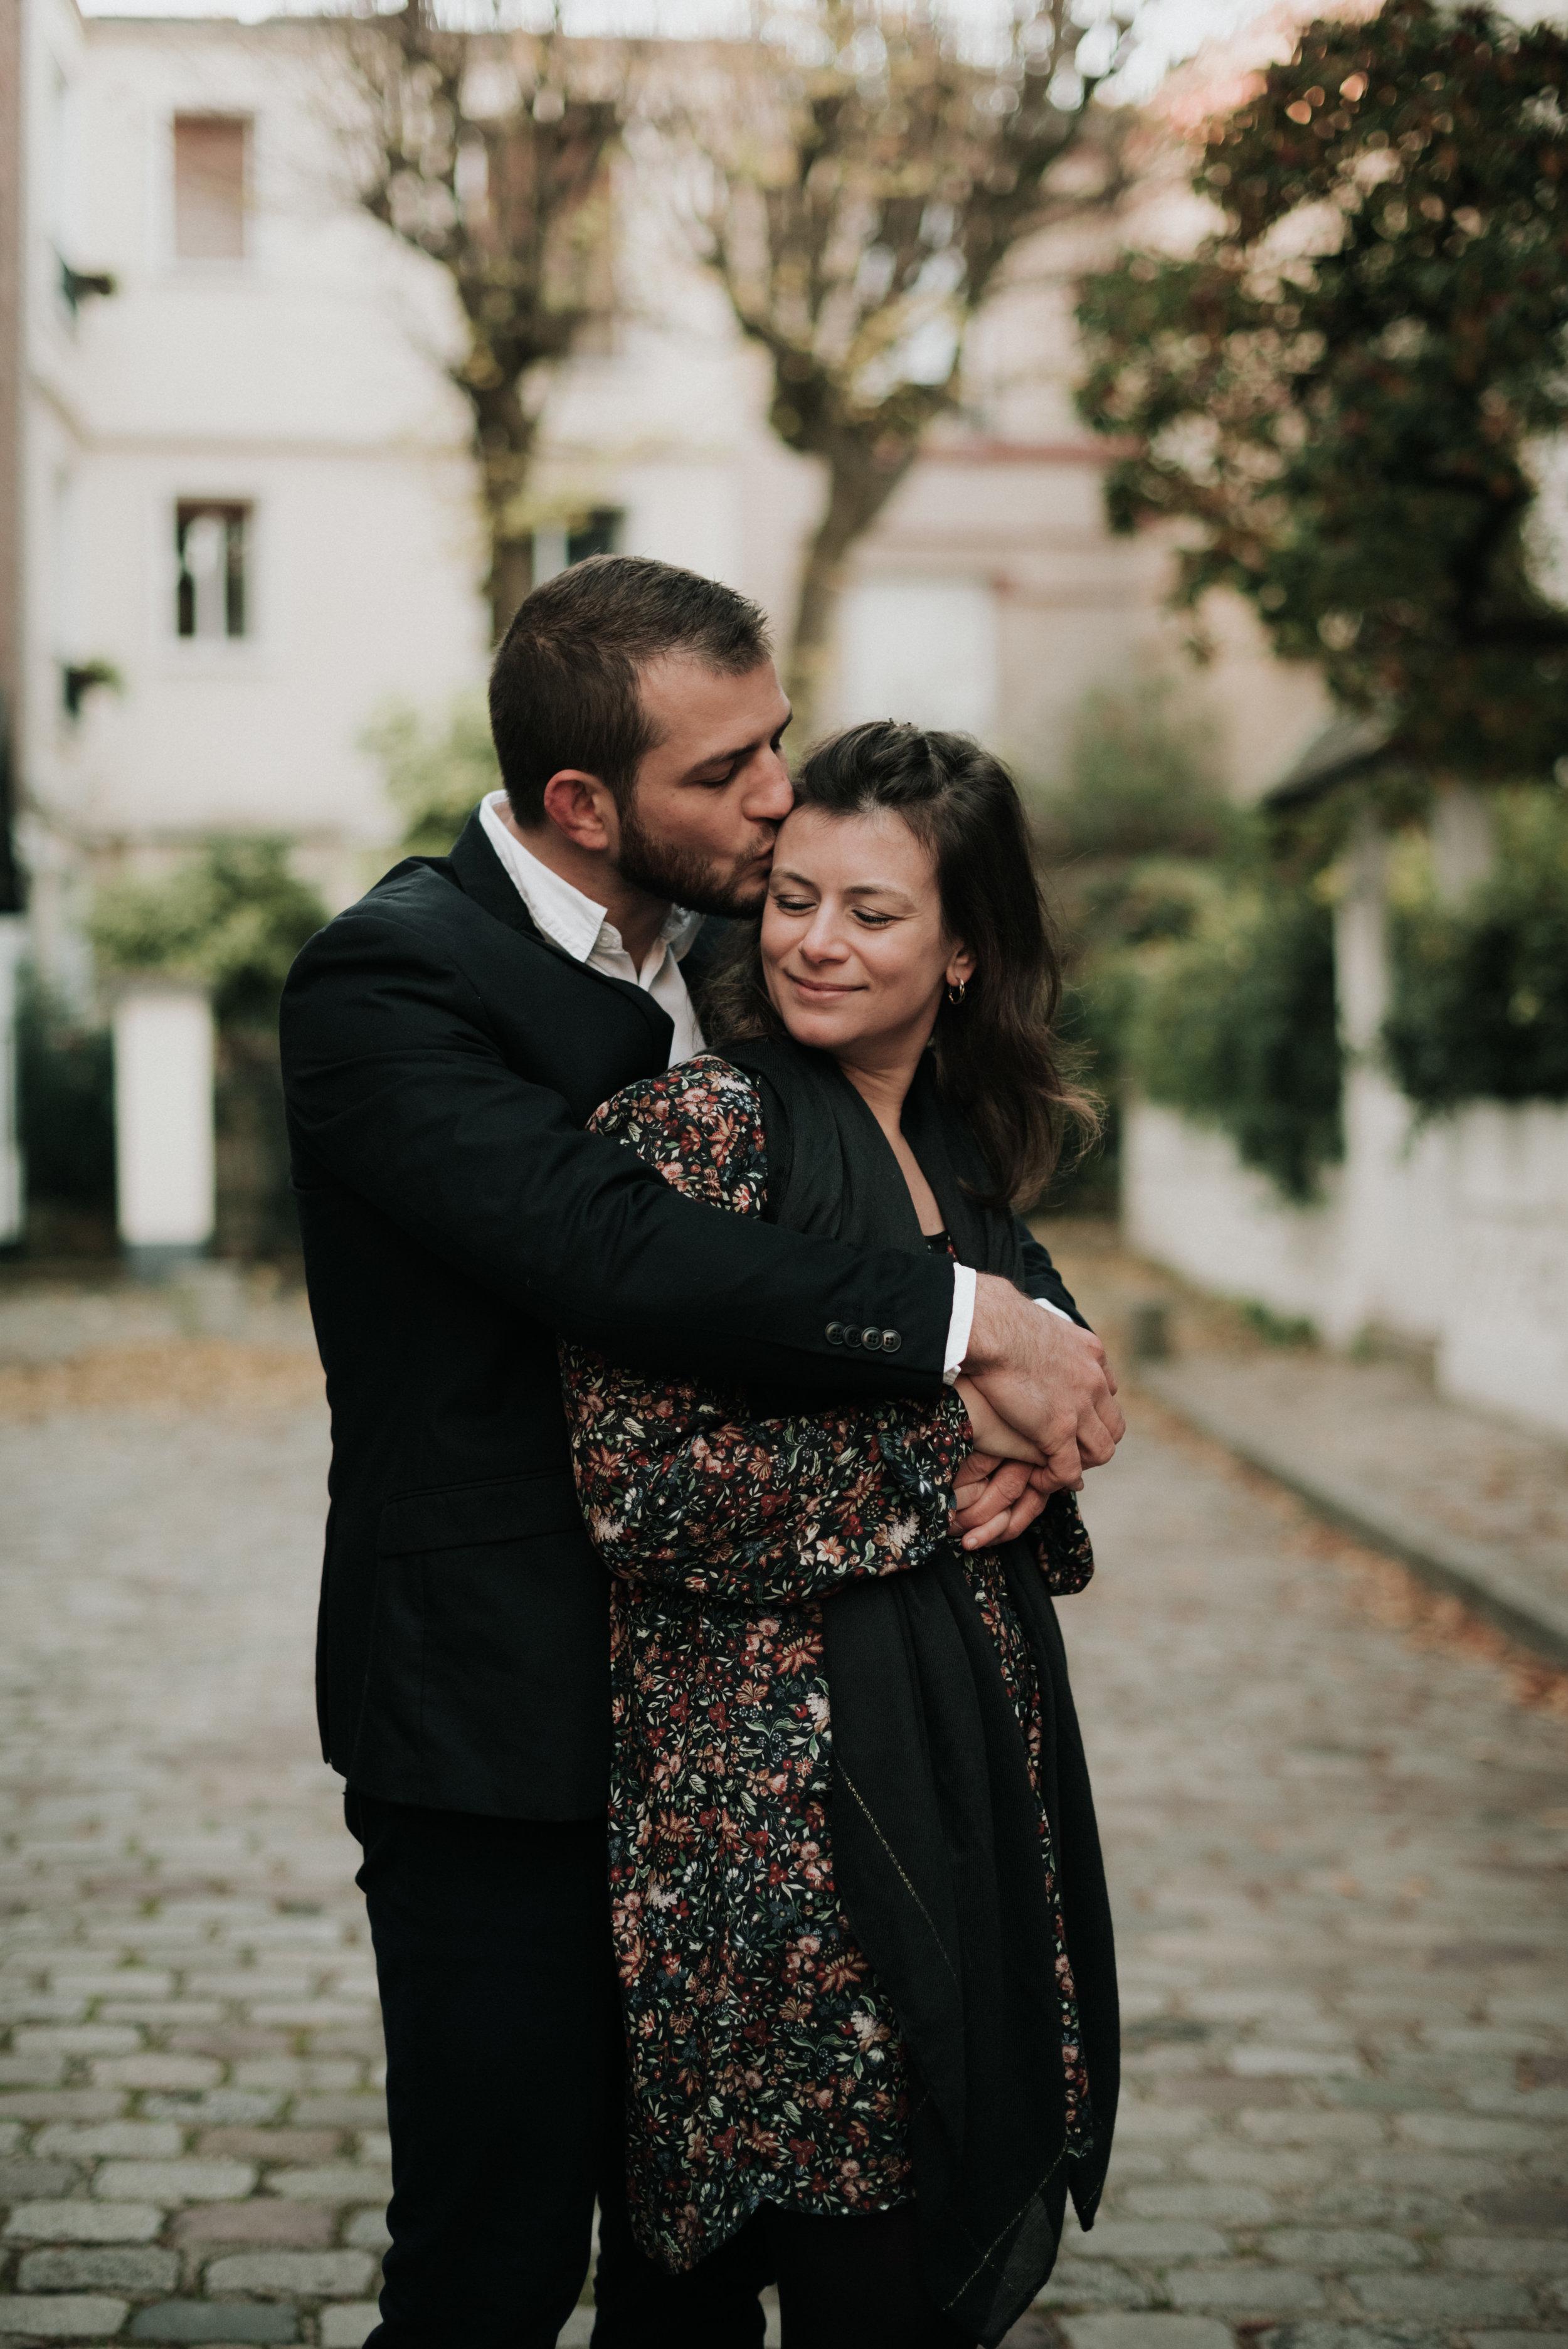 Léa-Fery-photographe-professionnel-lyon-rhone-alpes-portrait-creation-mariage-evenement-evenementiel-famille-5249.jpg